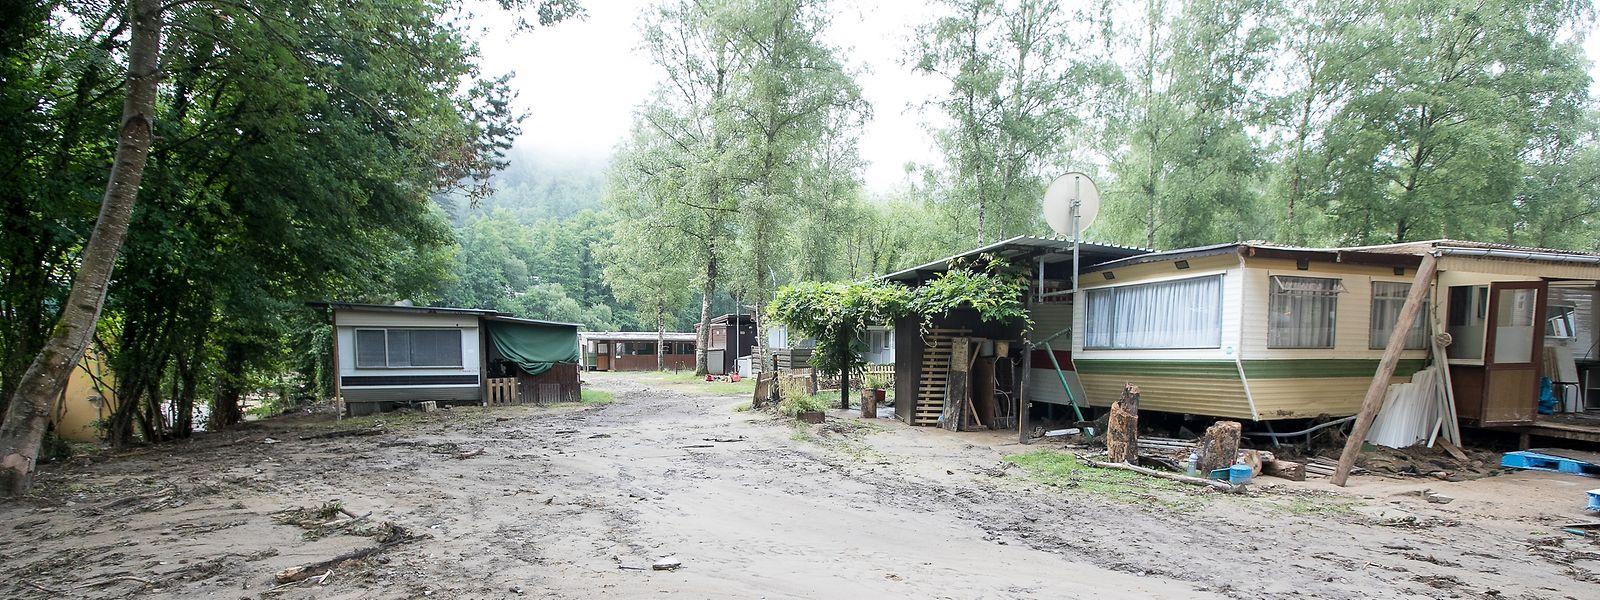 Heftige Regenfälle sorgten Anfang Juni im Müllerthal für zerstörerische Überschwemmungen.